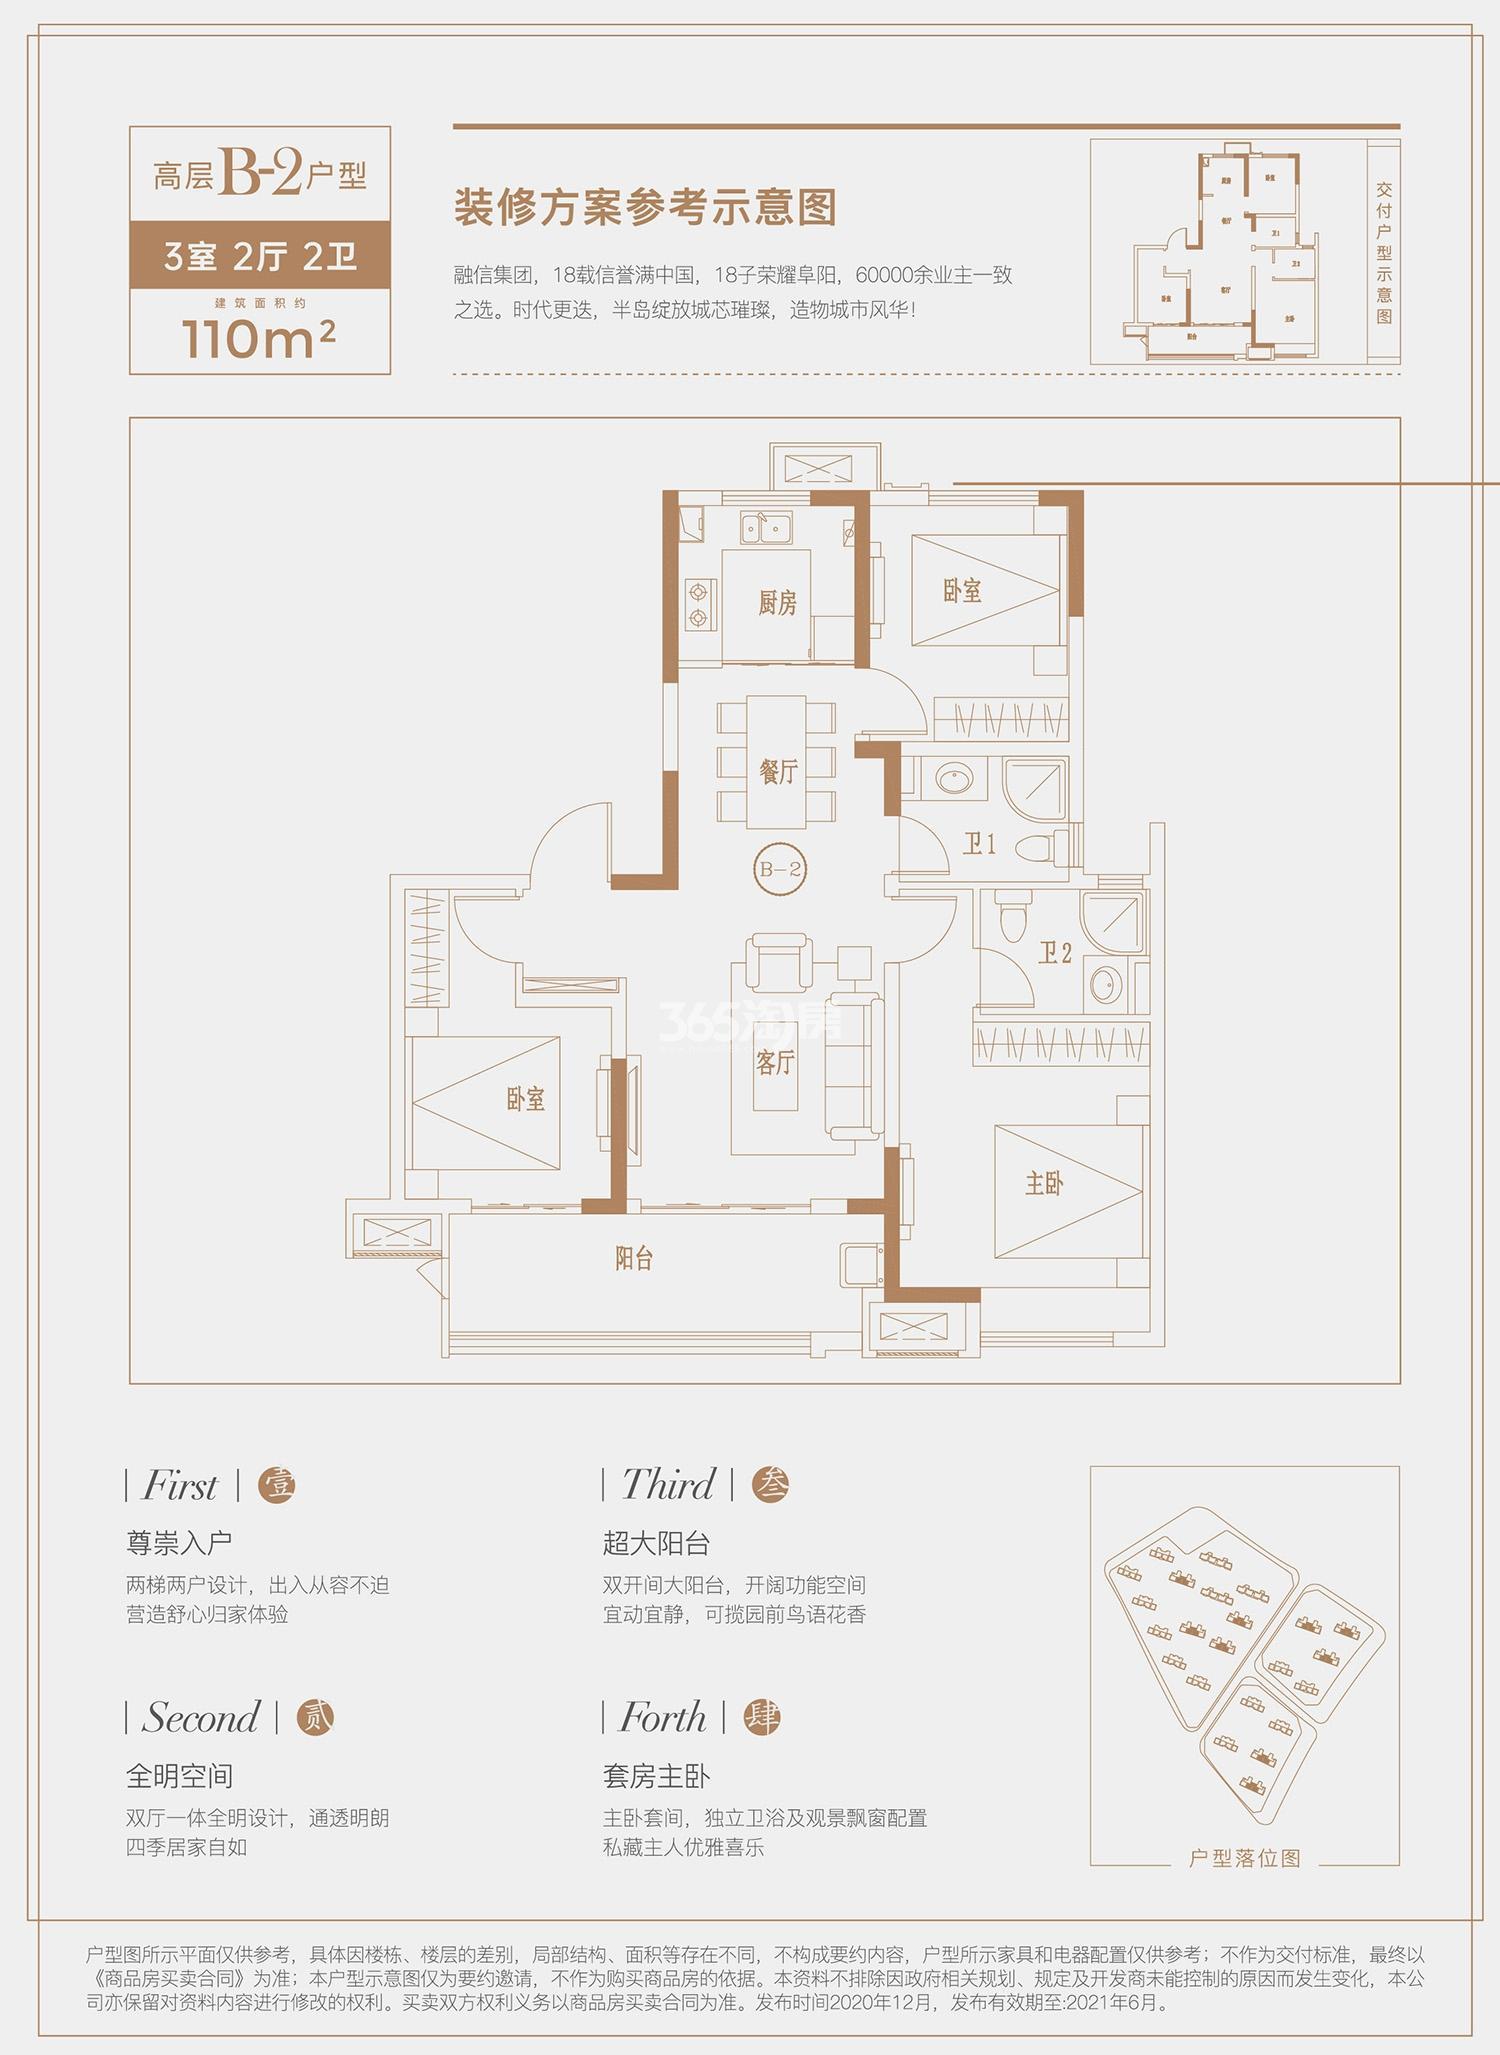 高层B2户型,3室2厅2卫110㎡